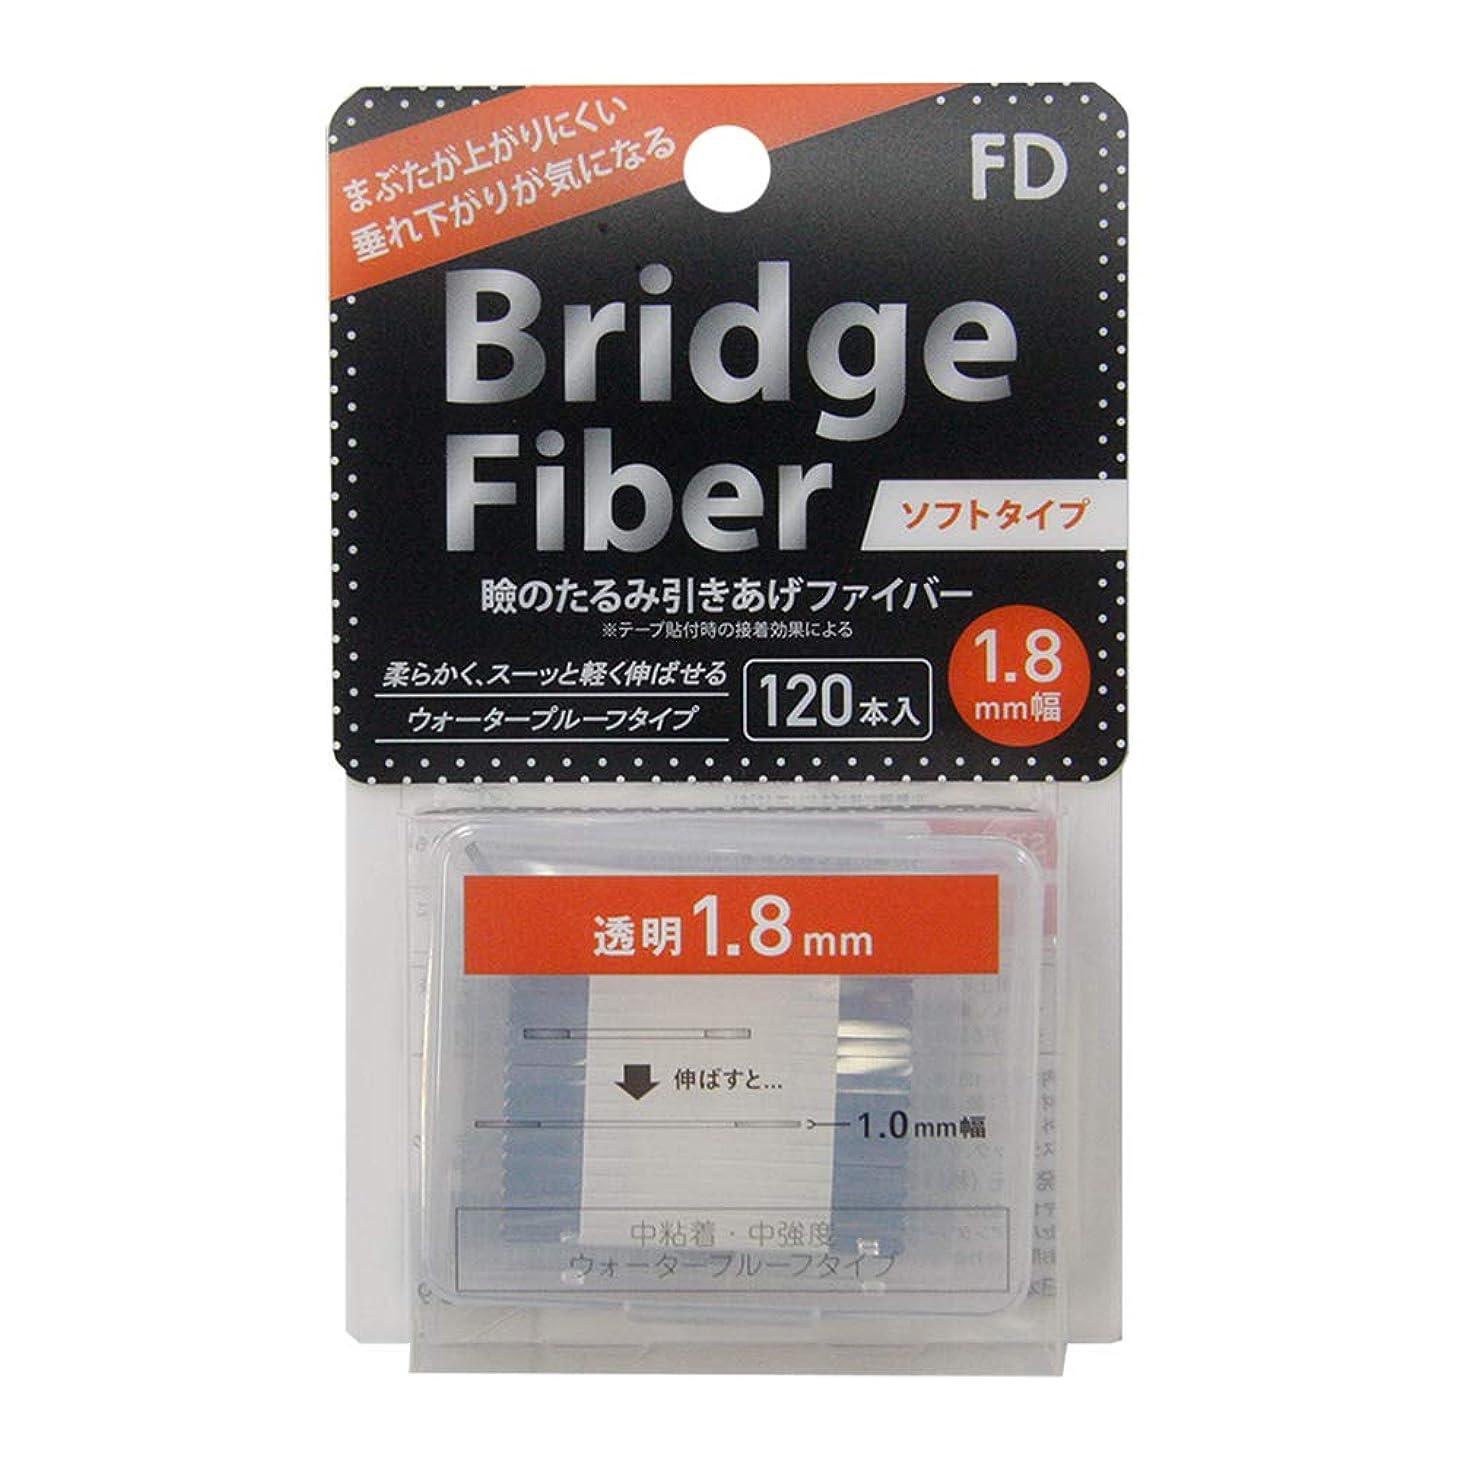 十一満州曇ったFD ブリッジソフトファイバー 眼瞼下垂防止テープ ソフトタイプ 透明1.8mm幅 120本入り